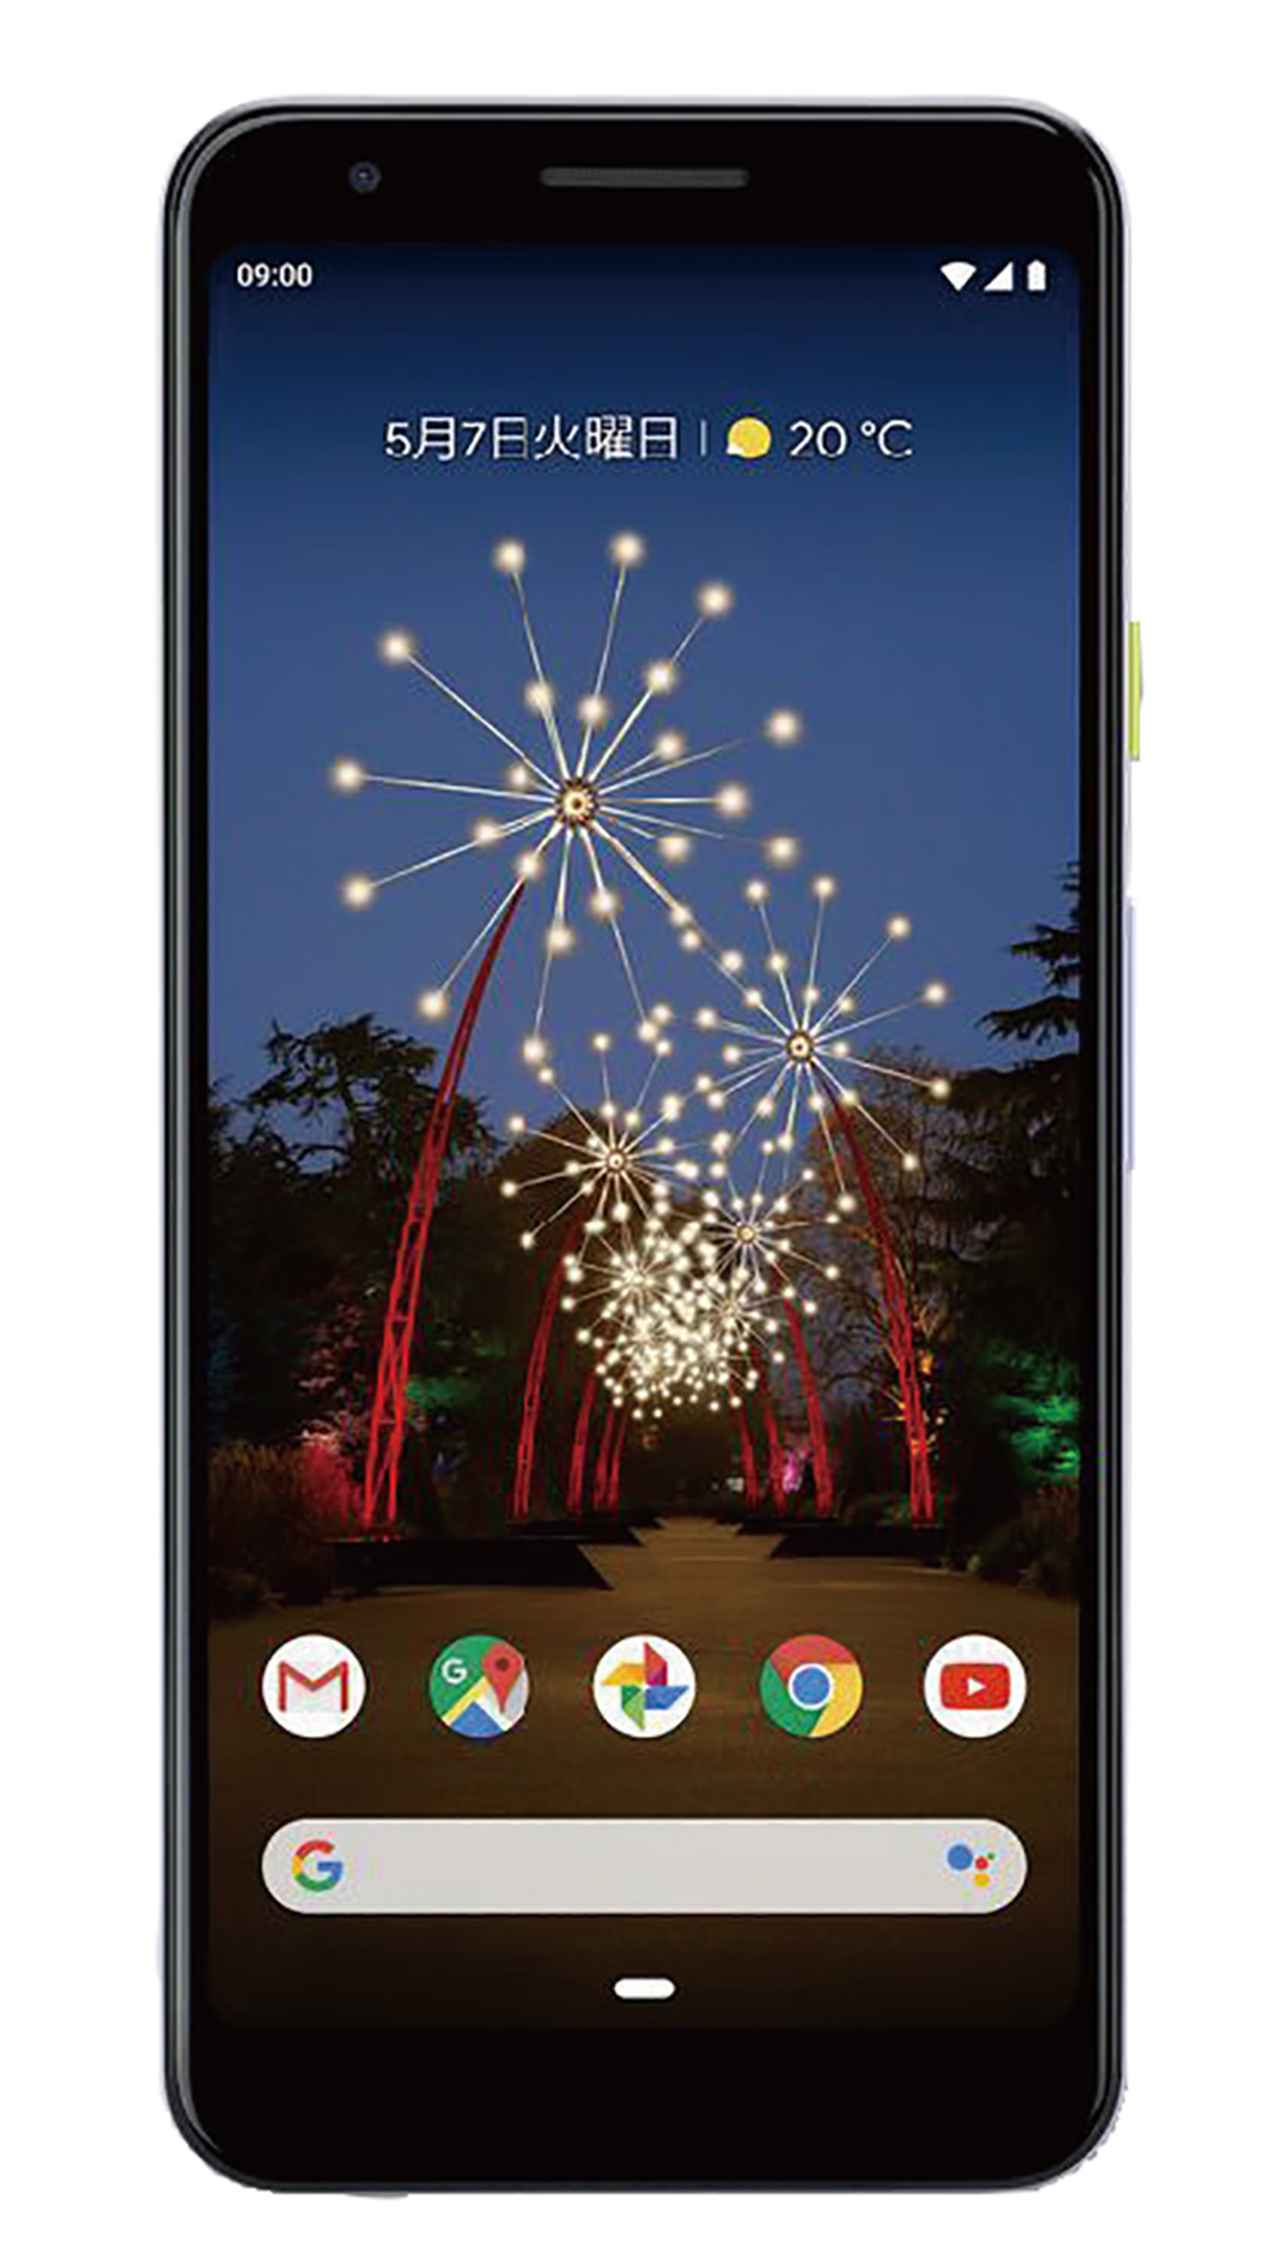 画像: Google製のAndroidスマートフォン、Google Pixel 3